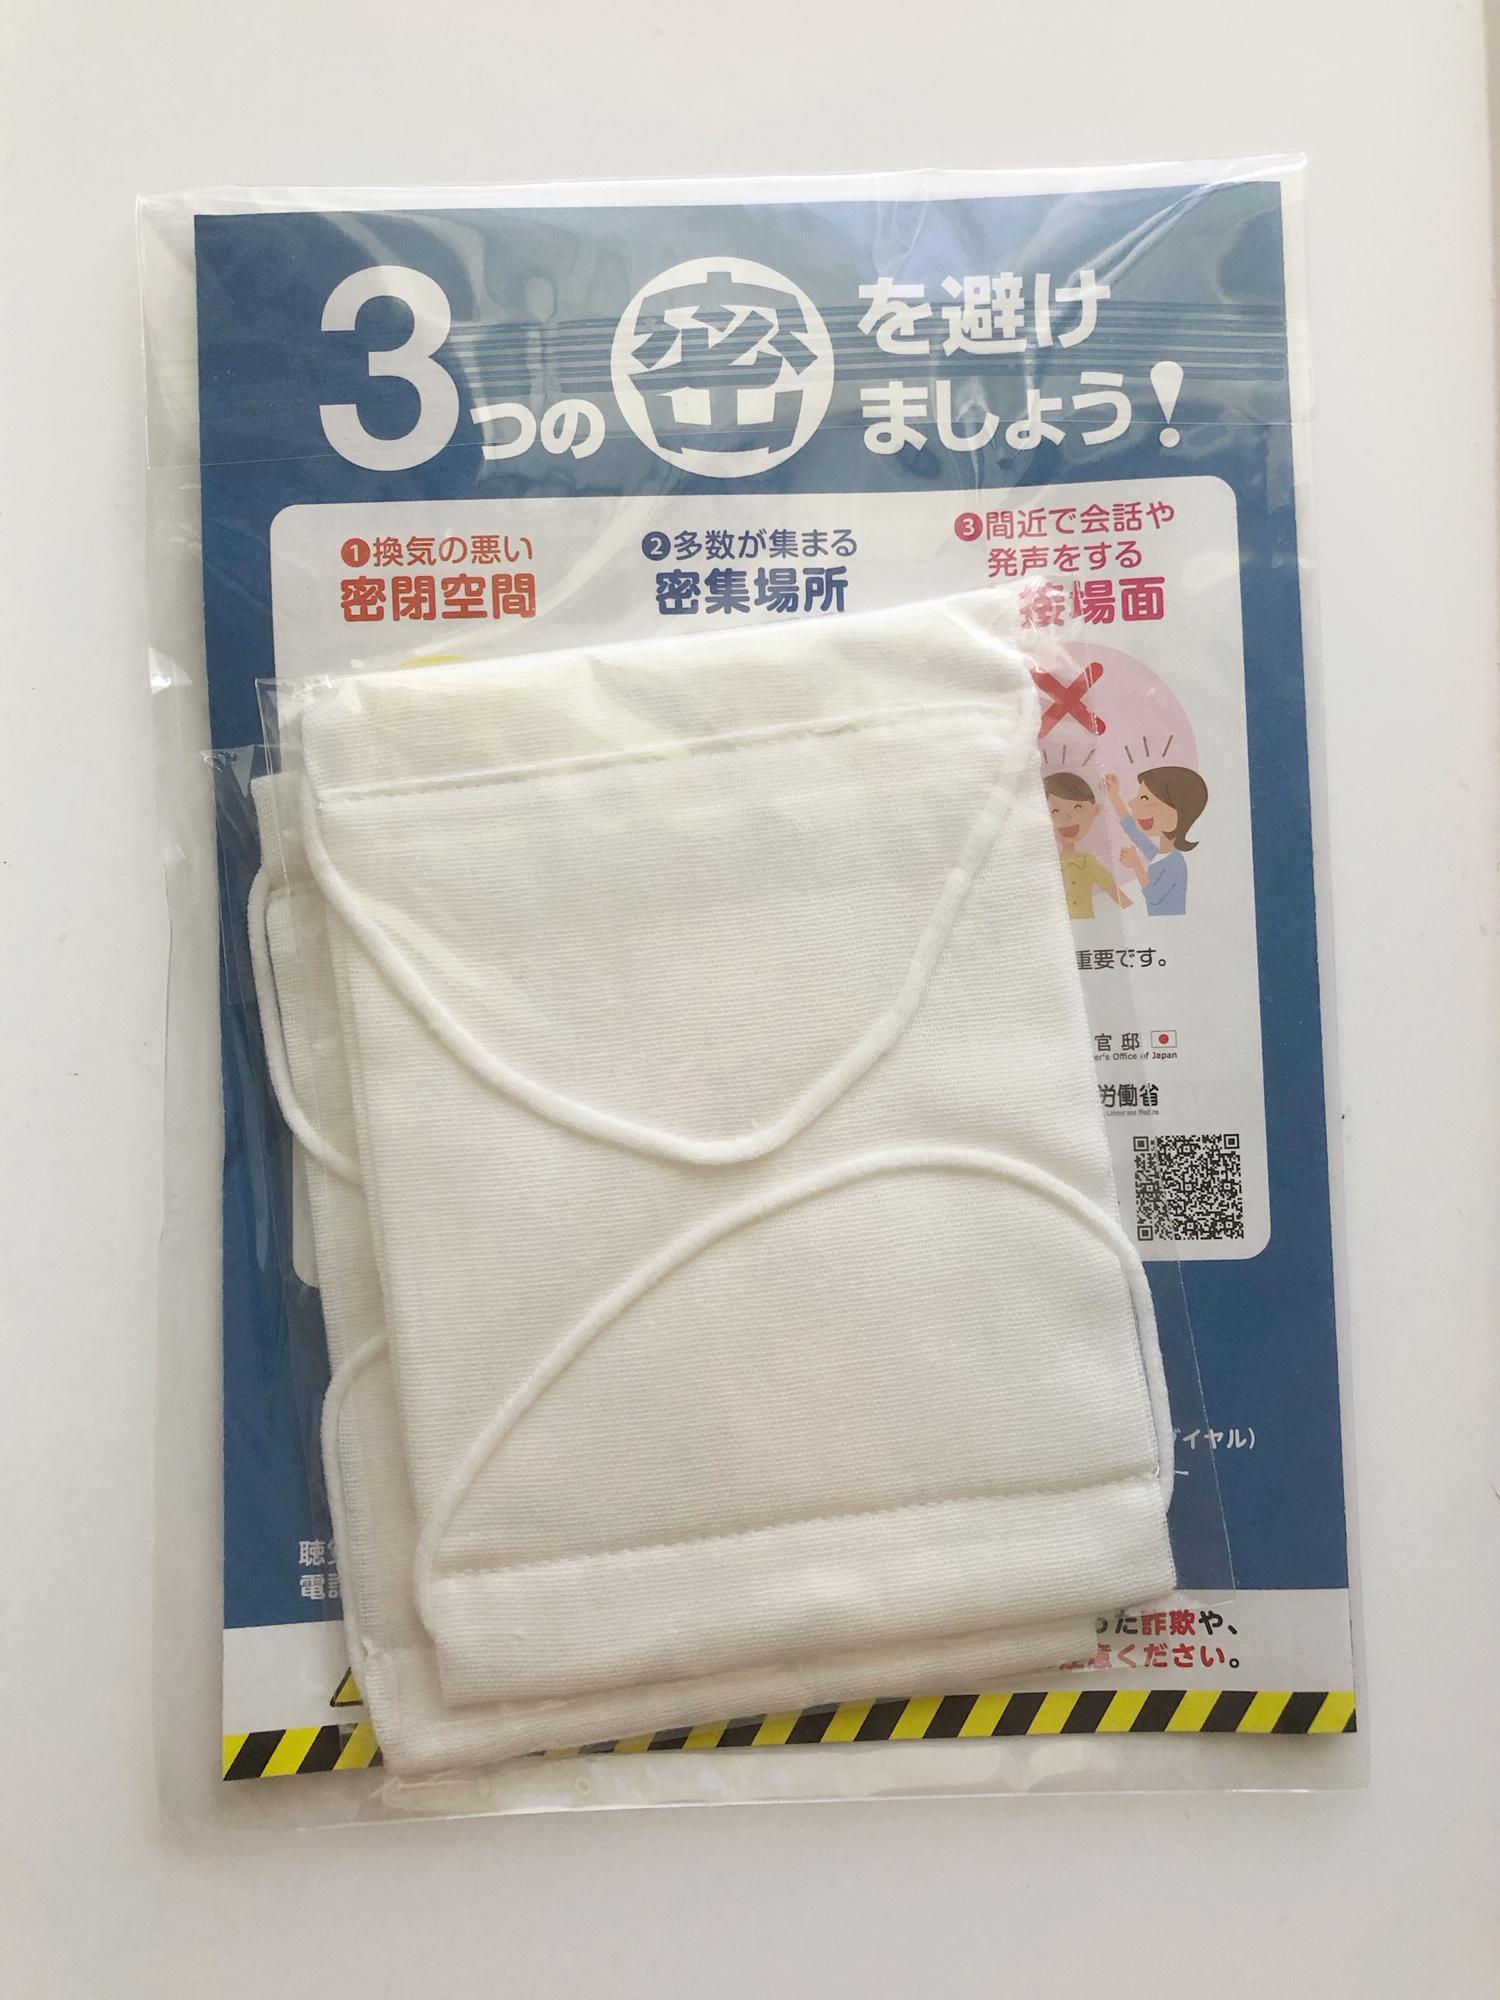 政府配布の布マスク